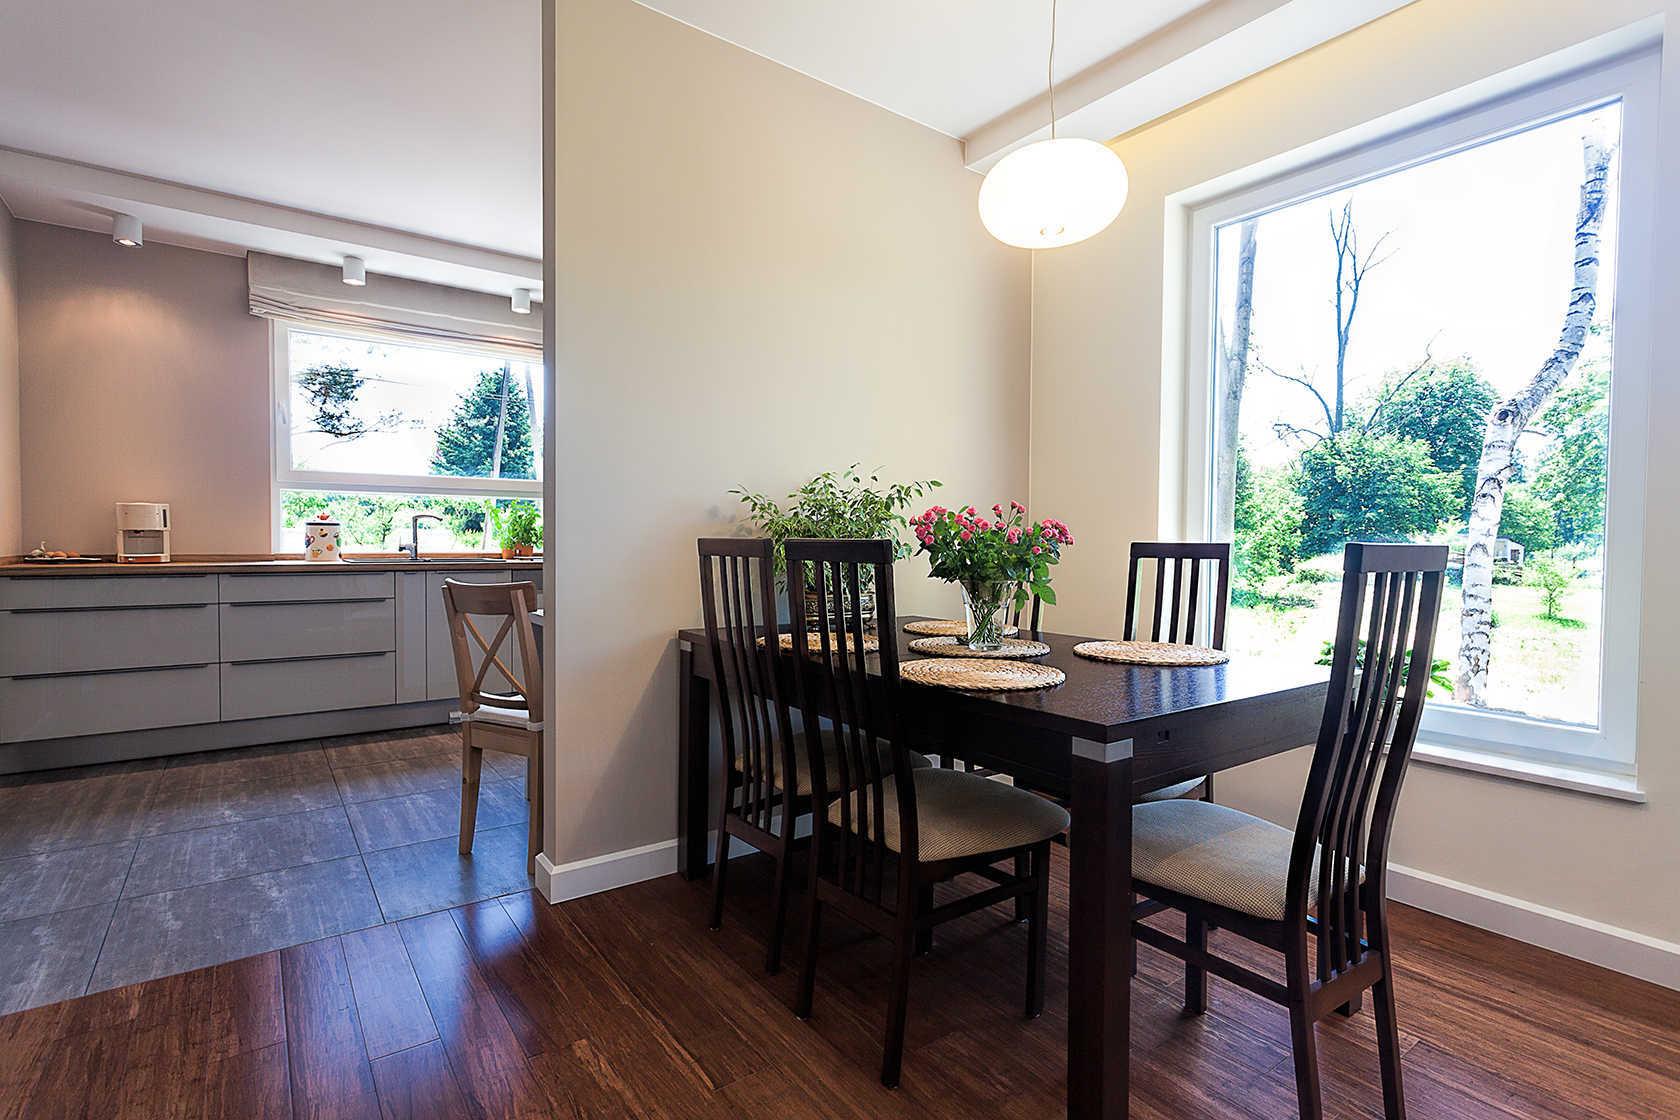 Mesa con cuatro sillas piso de parque vista de la cocina ventanas hacia en jardín